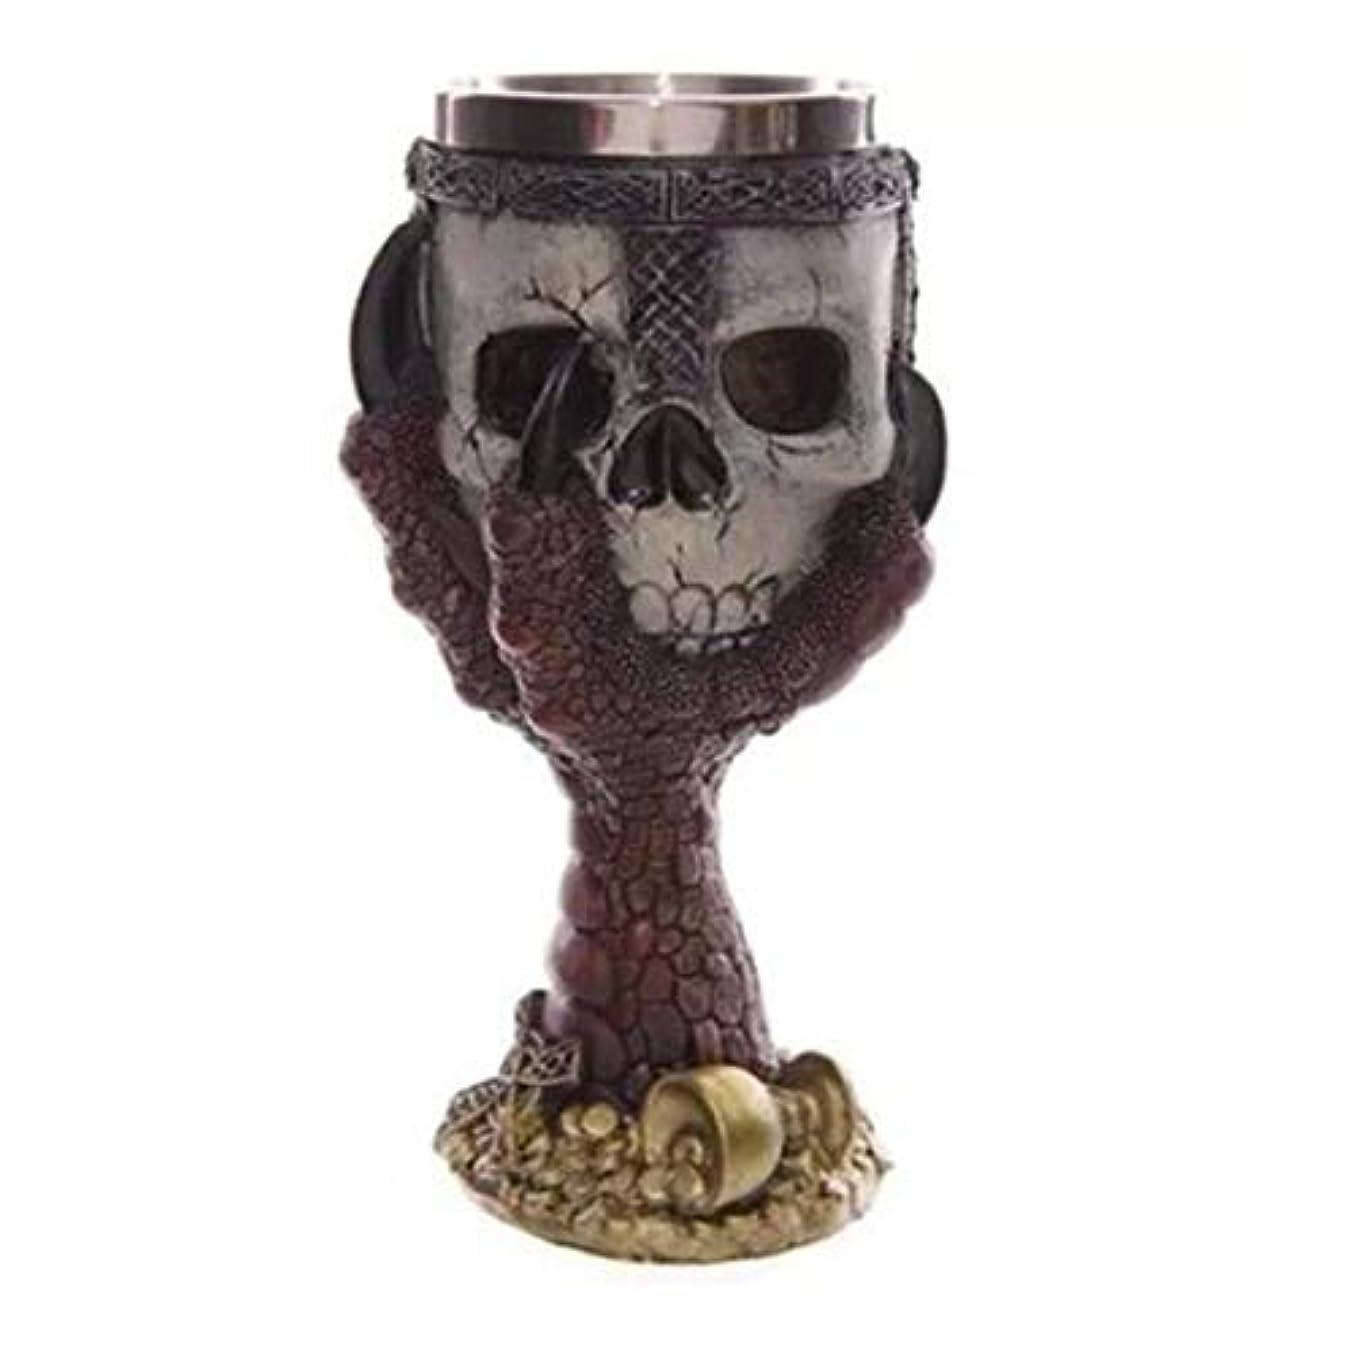 かりて階下セージSaikogoods カップを飲むクリエイティブステンレス鋼3Dスカルゴブレットビールジョッキ 銀 赤い爪ゴブレット